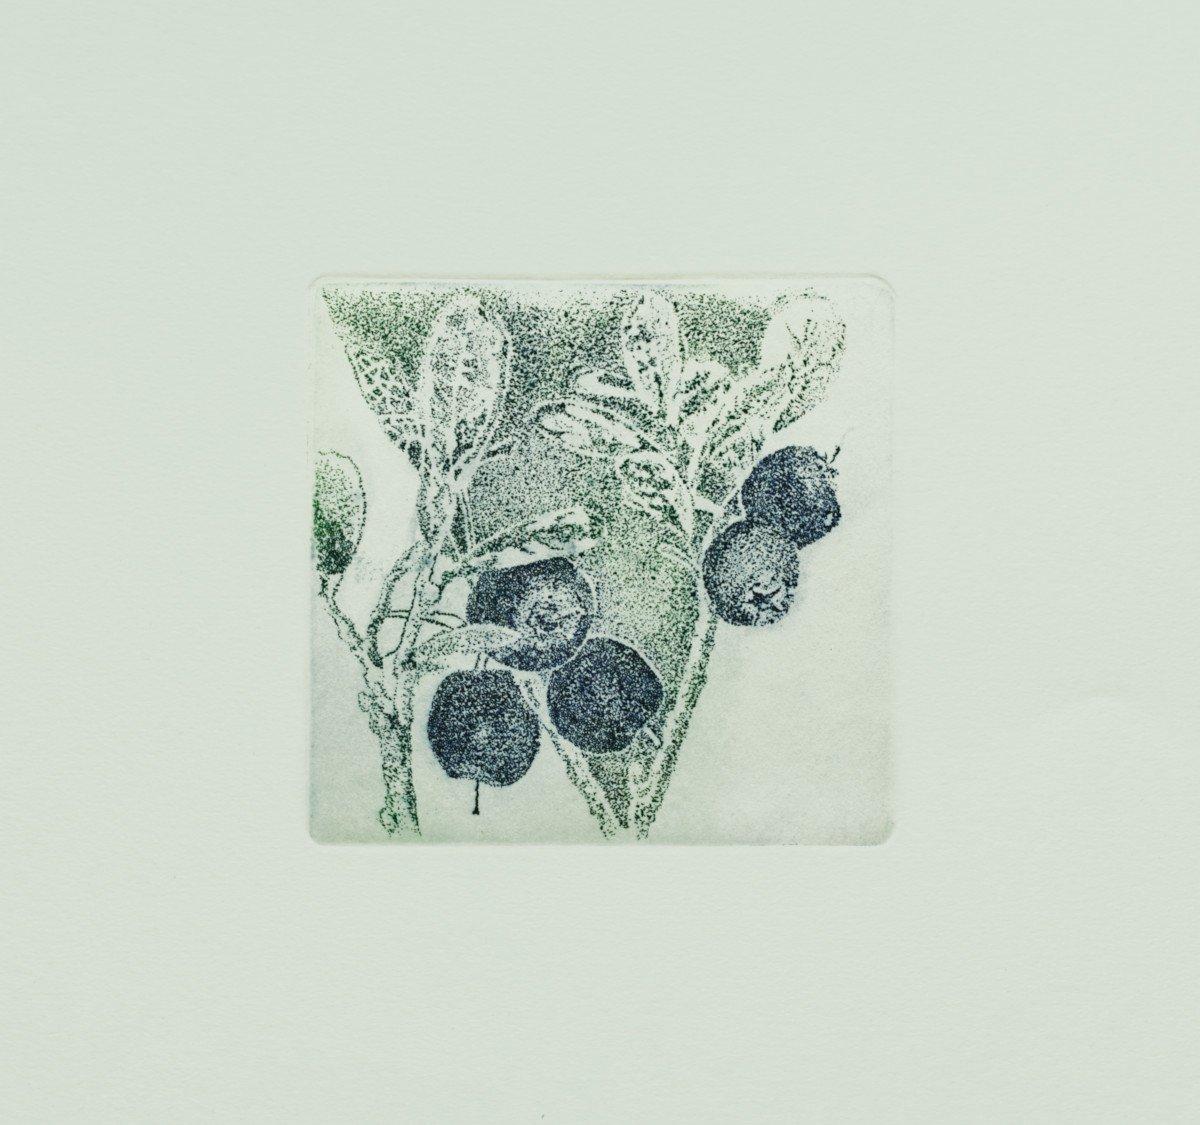 Berrying: Blåbær-